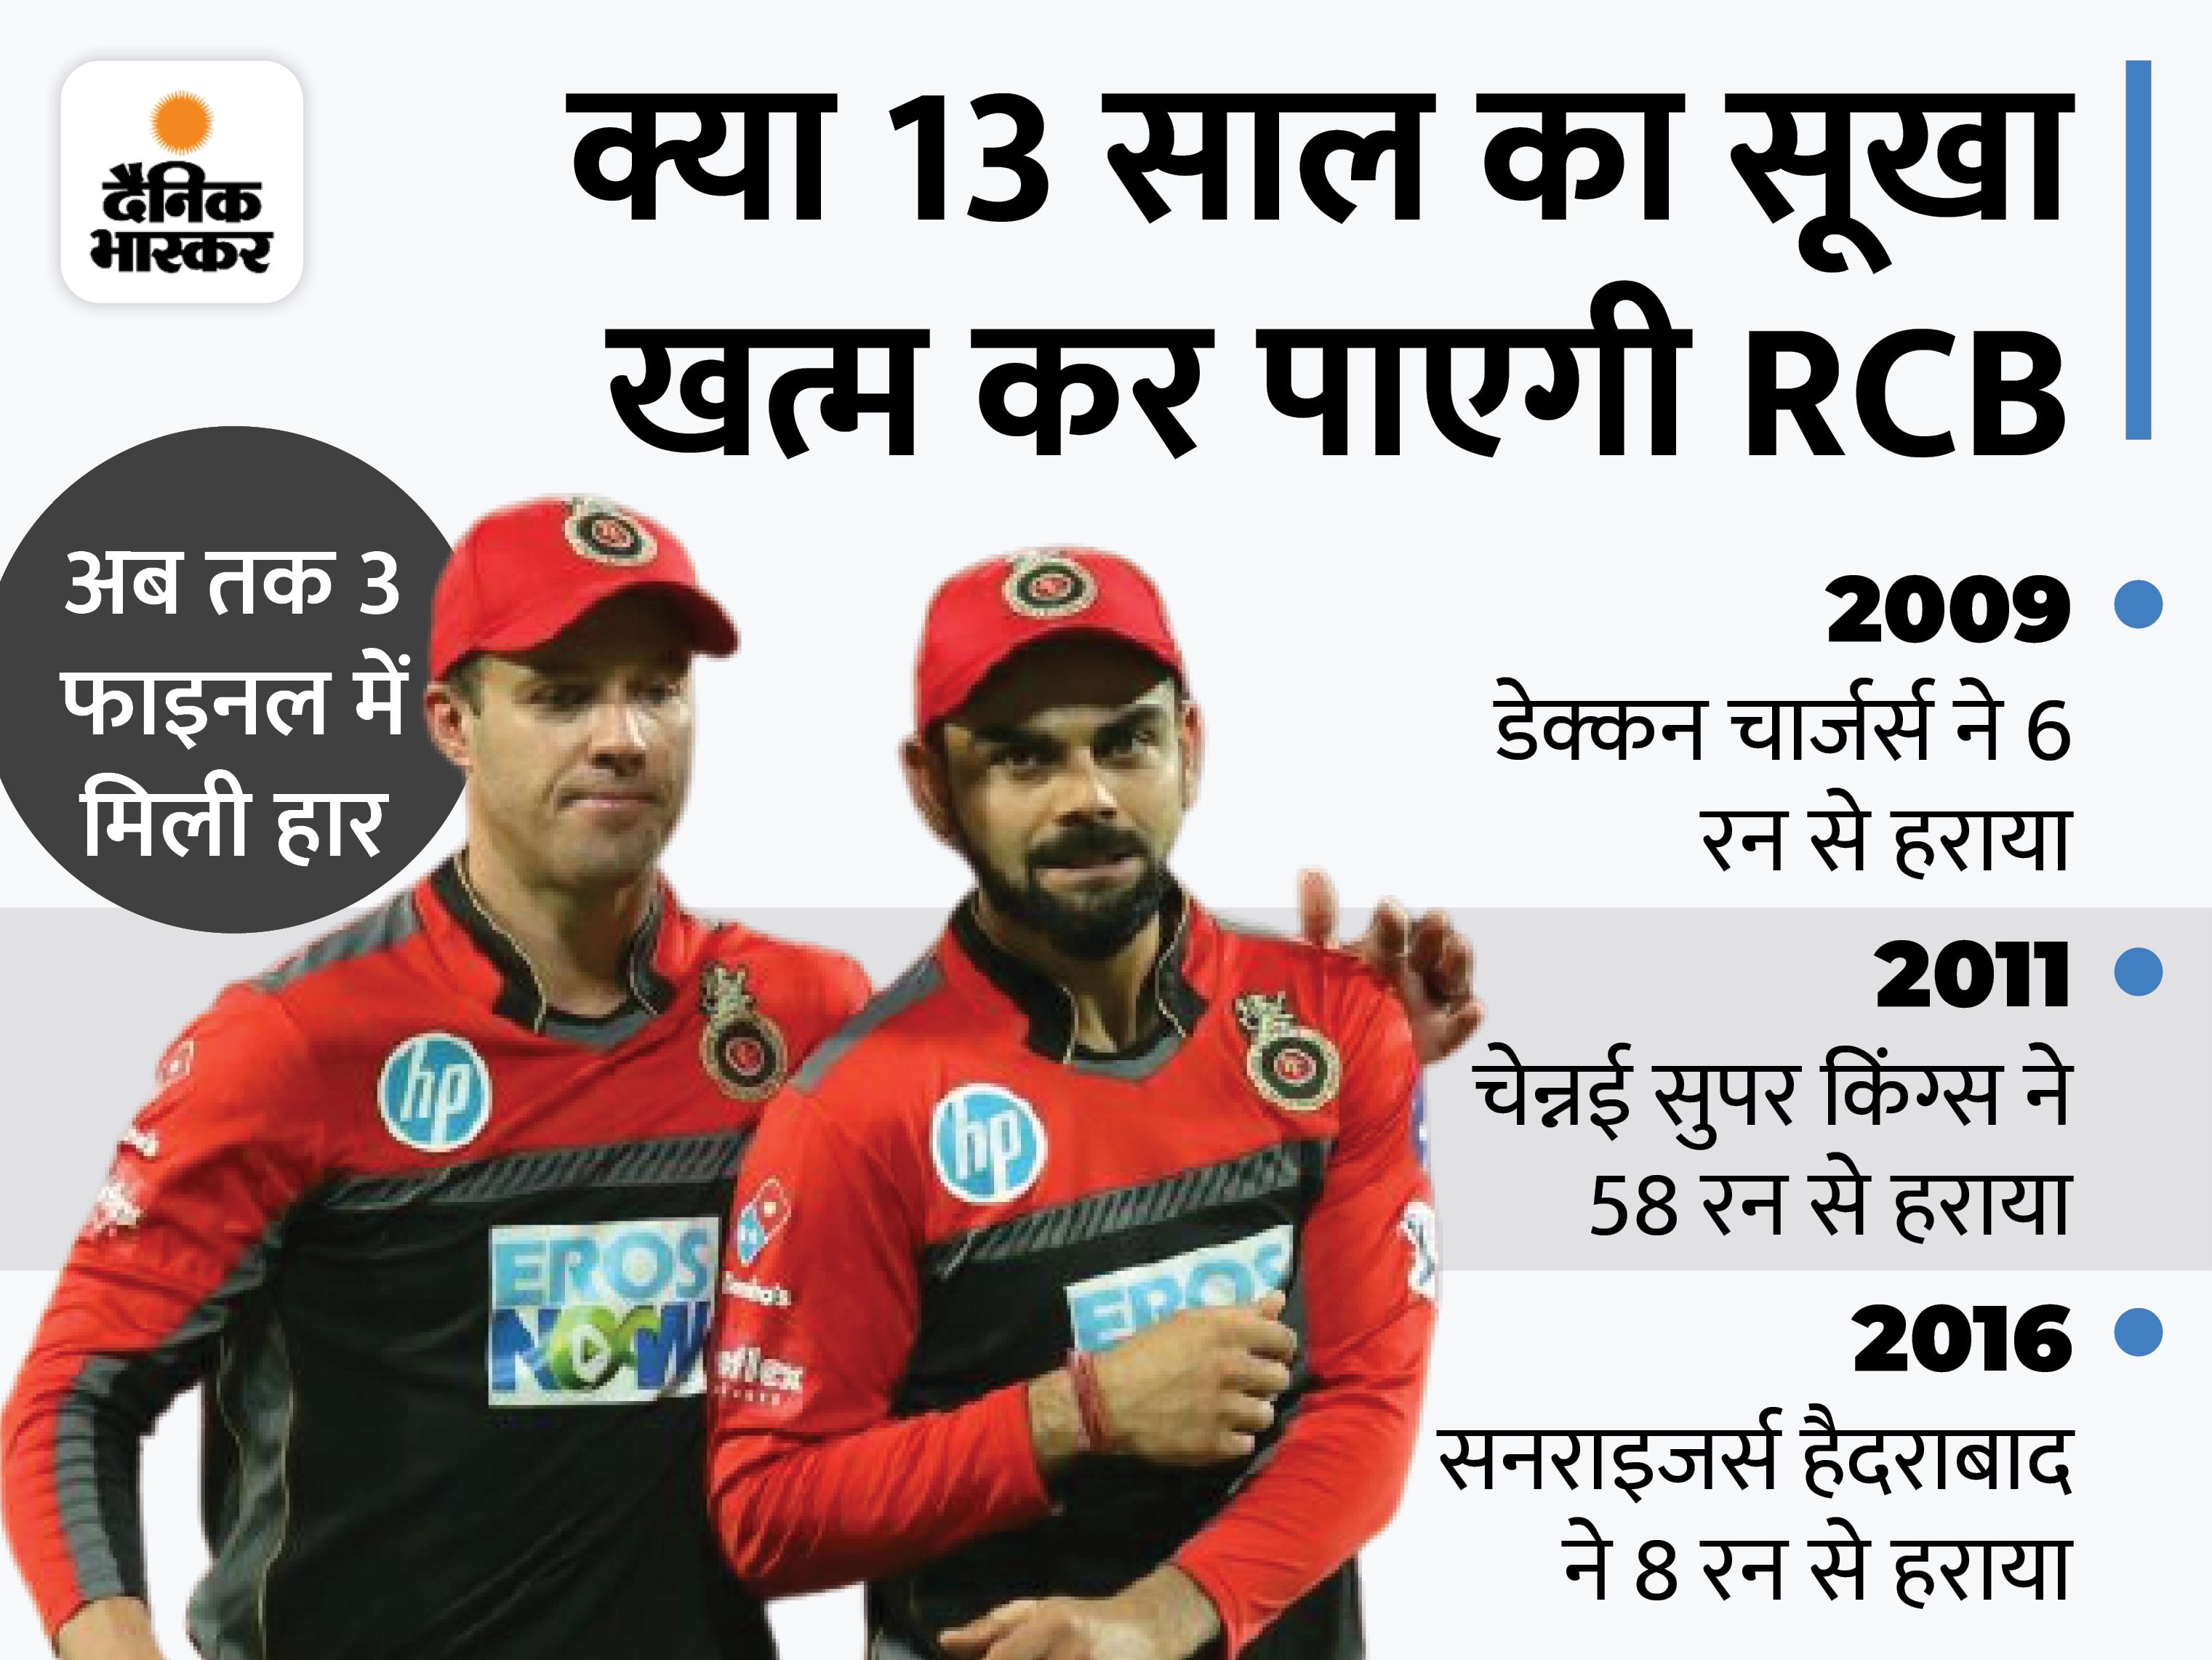 कोहली-डिविलियर्स और मैक्सवेल पर रहेगा जीत दिलाने का दारोमदार, डेथ ओवर गेंदबाजी अभी भी है कमजोर|क्रिकेट,Cricket - Dainik Bhaskar